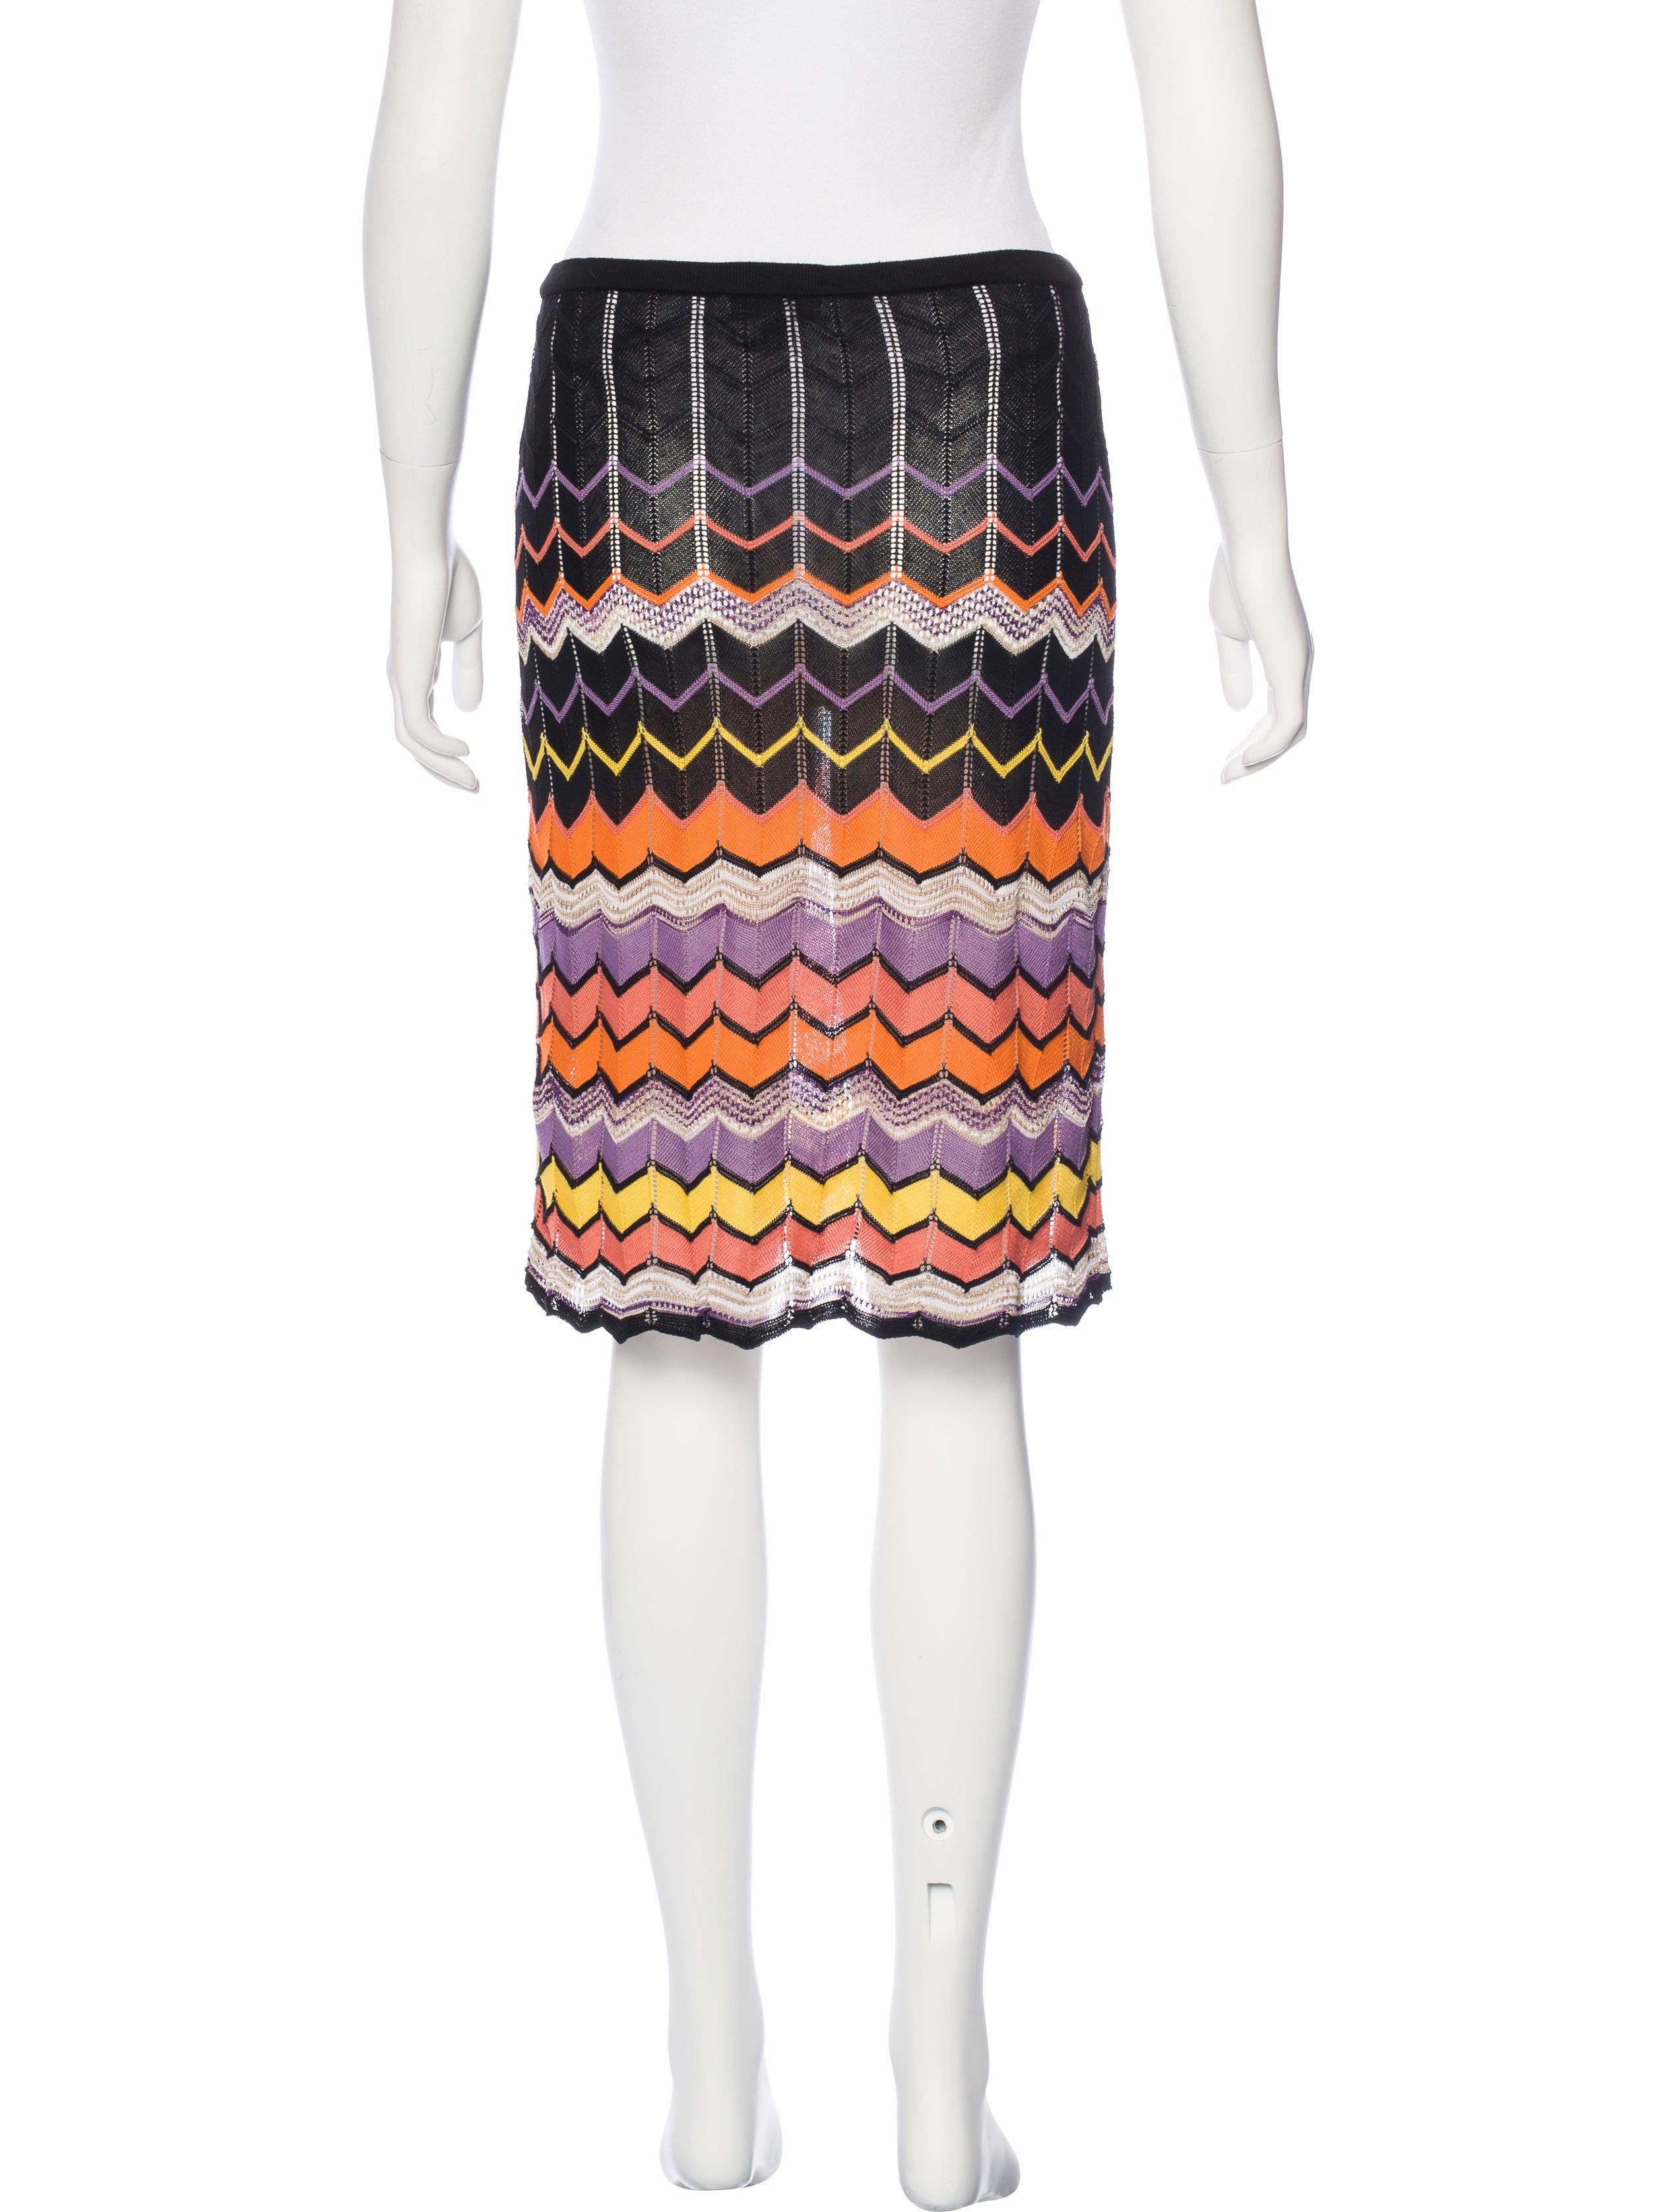 M Missoni Patterned Knee Length Skirt Clothing